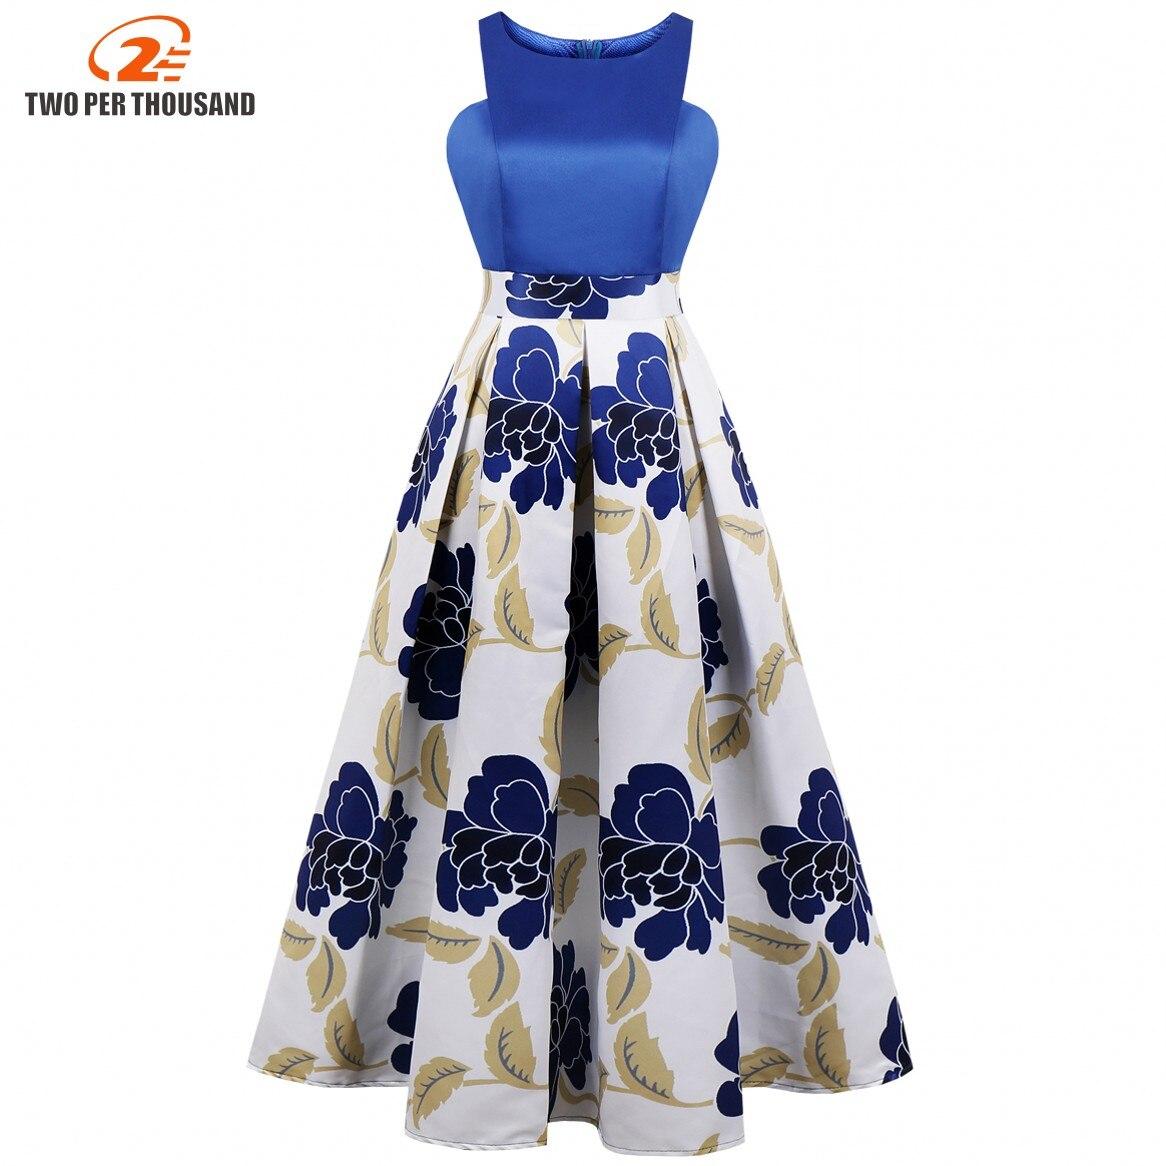 4XL grande taille imprimé Floral formelle Maxi robe élégante magnifique femmes Vintage sans manches grande taille 3XL soirée fête robes longues